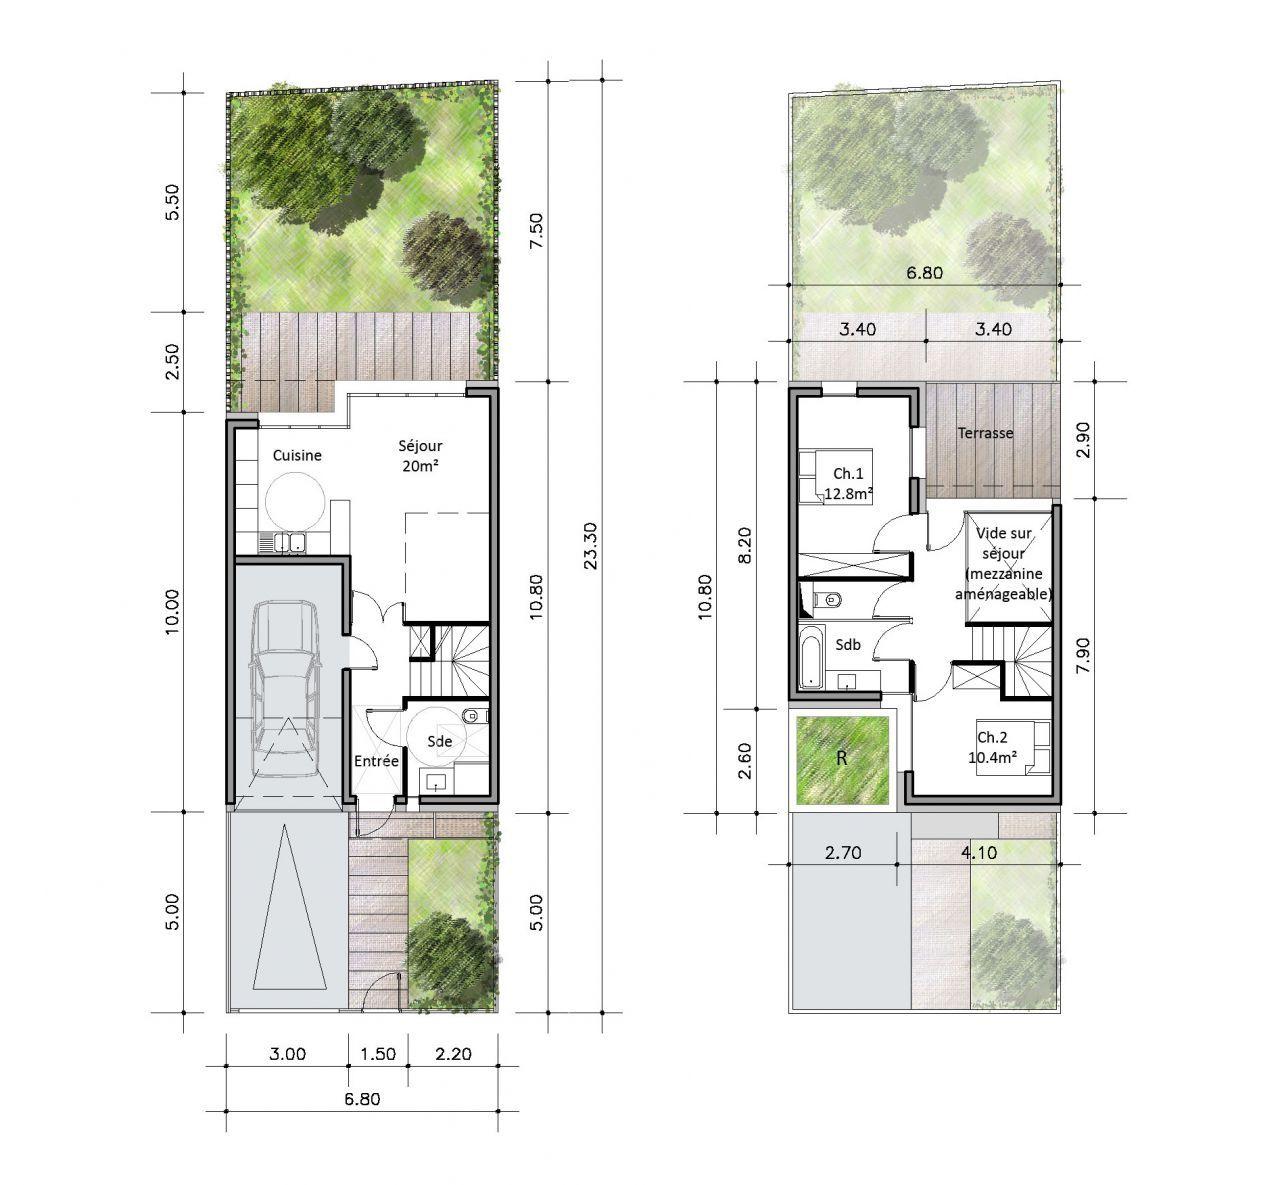 En pente douce habitat intermediaire et individuel pinterest plan logement logement - Plan maison en pente ...